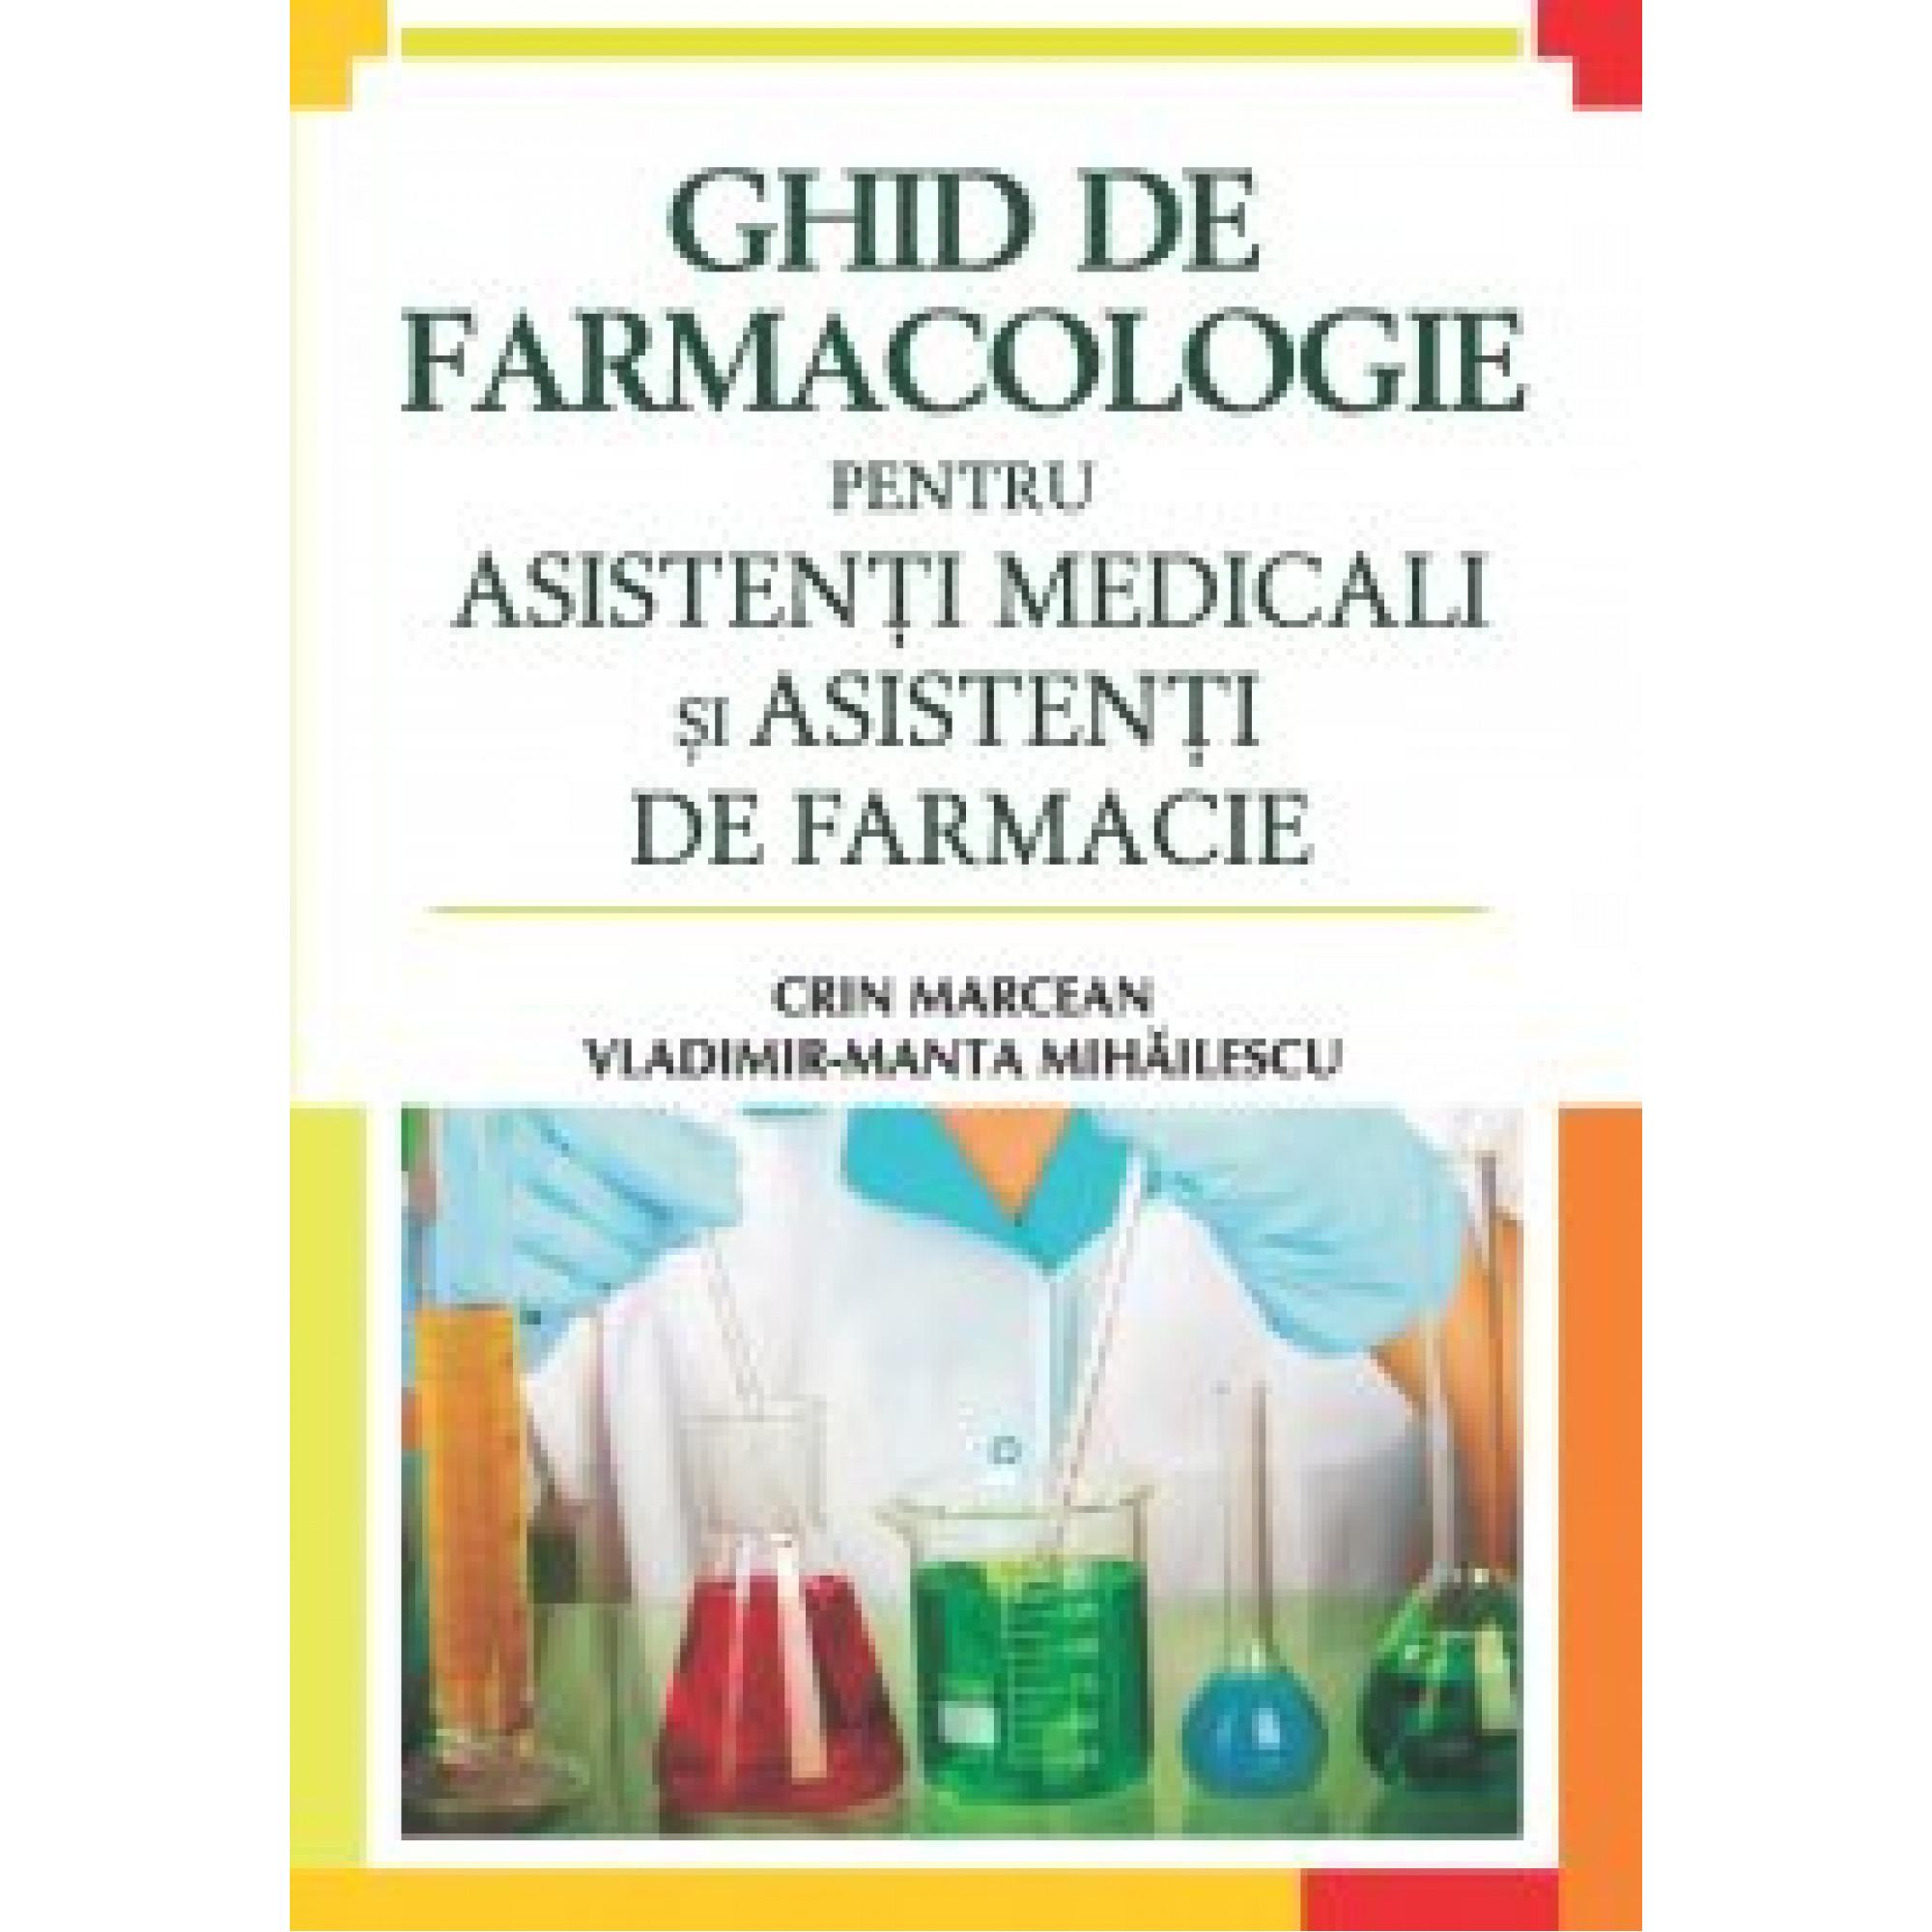 Ghid de farmacologie